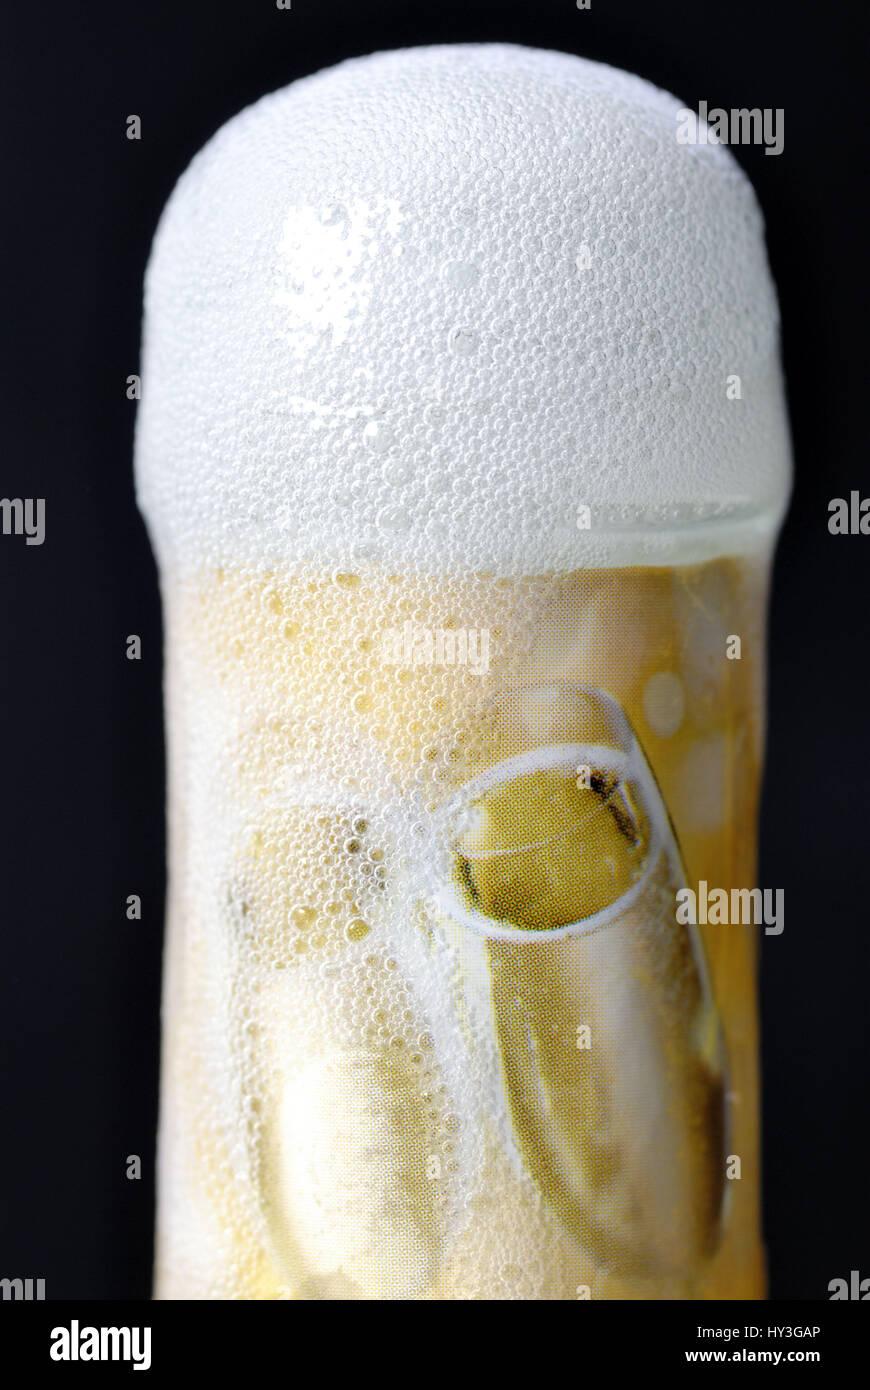 ? ? Bersch?umende botella de champán, ácido carbónico artificial en el champán, Überschäumende Imagen De Stock